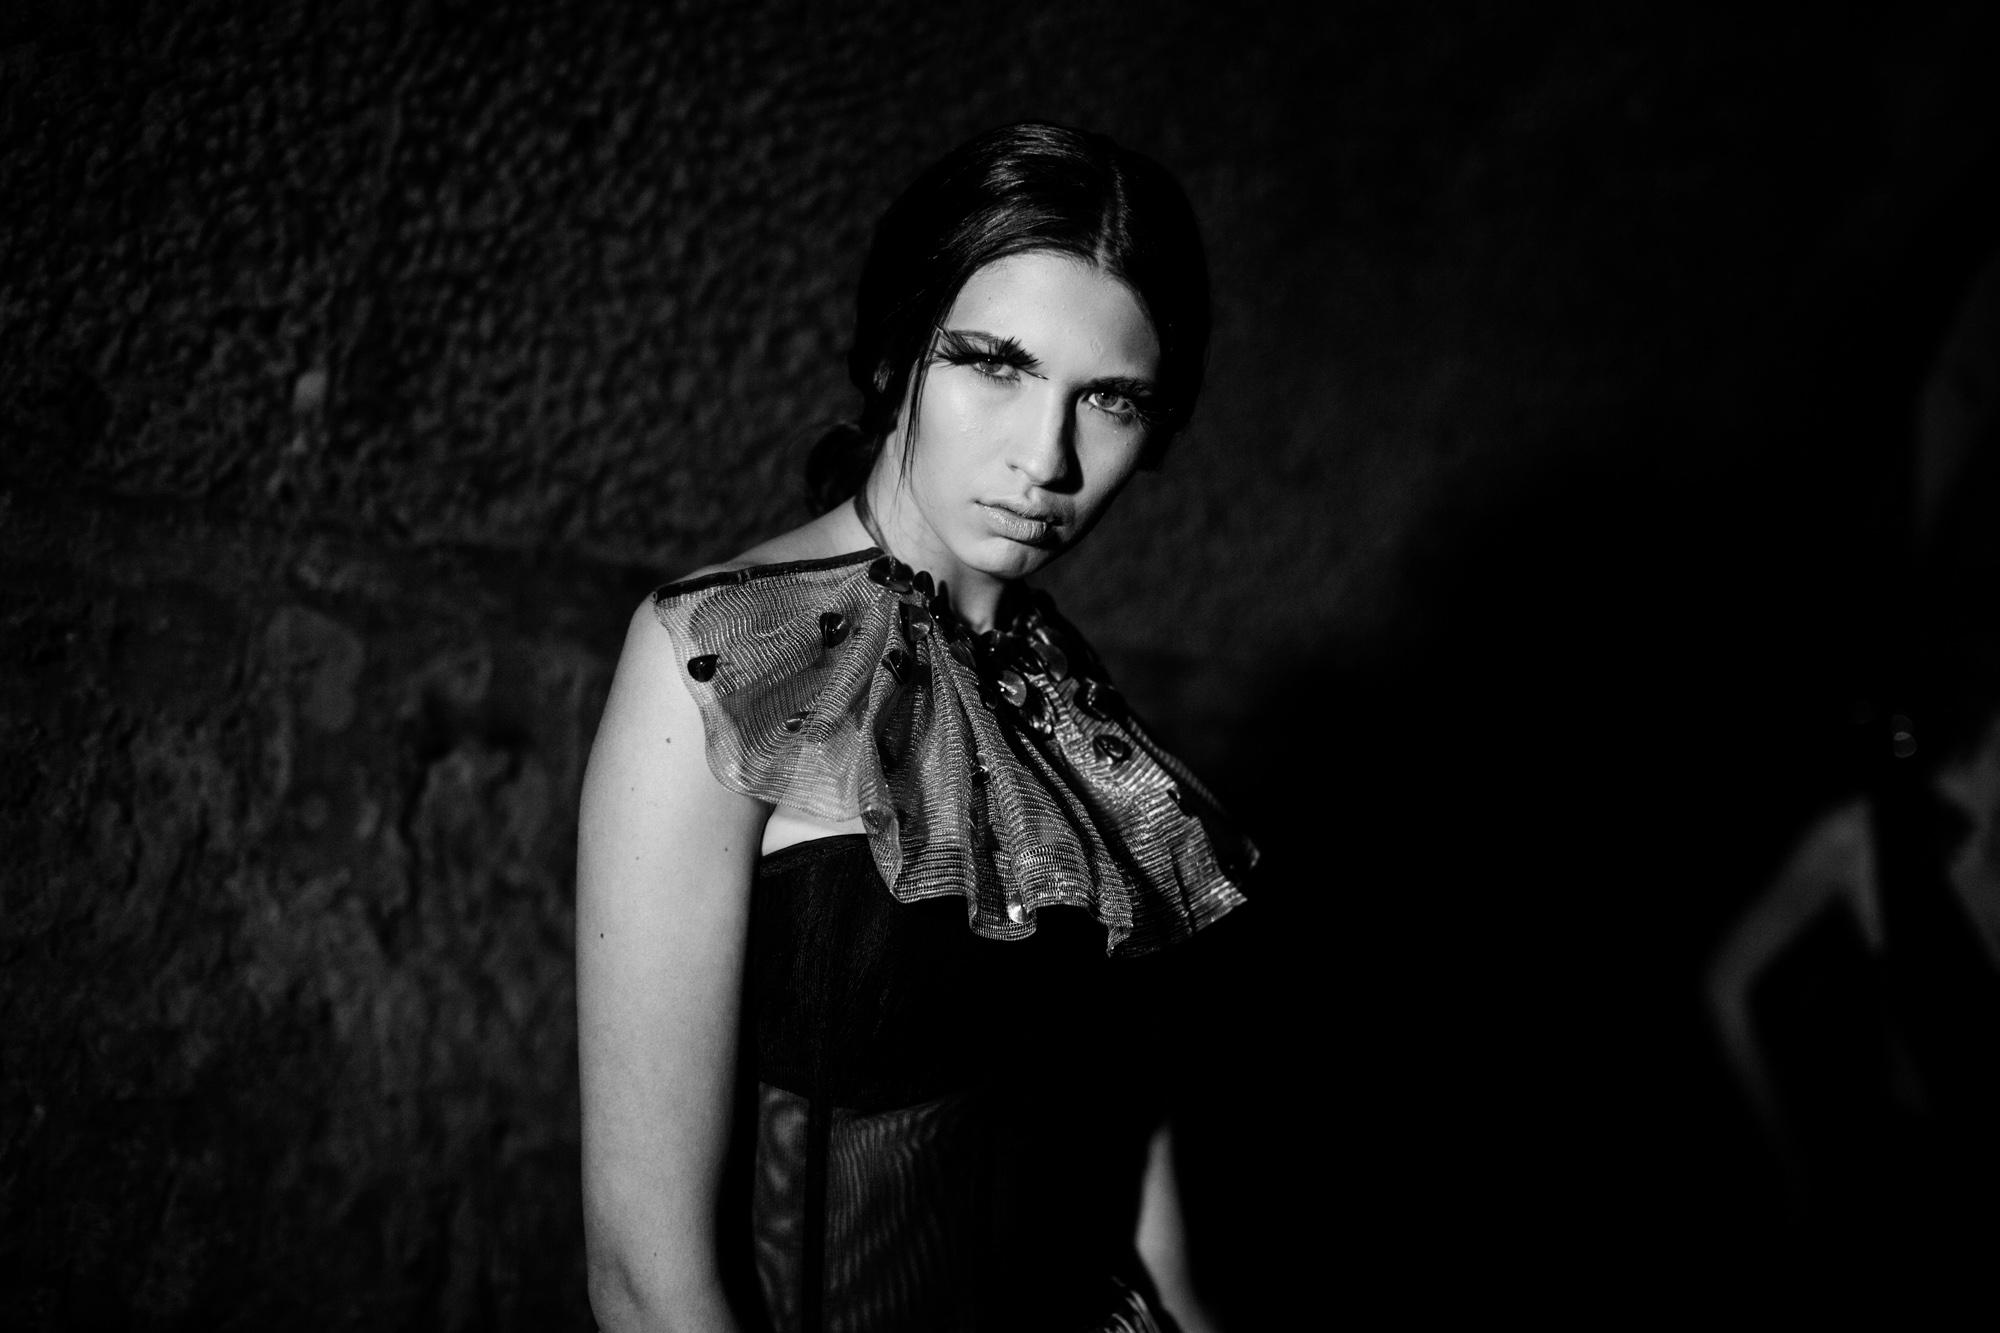 Caroline Hili Backstage_94B8849-427.jpg